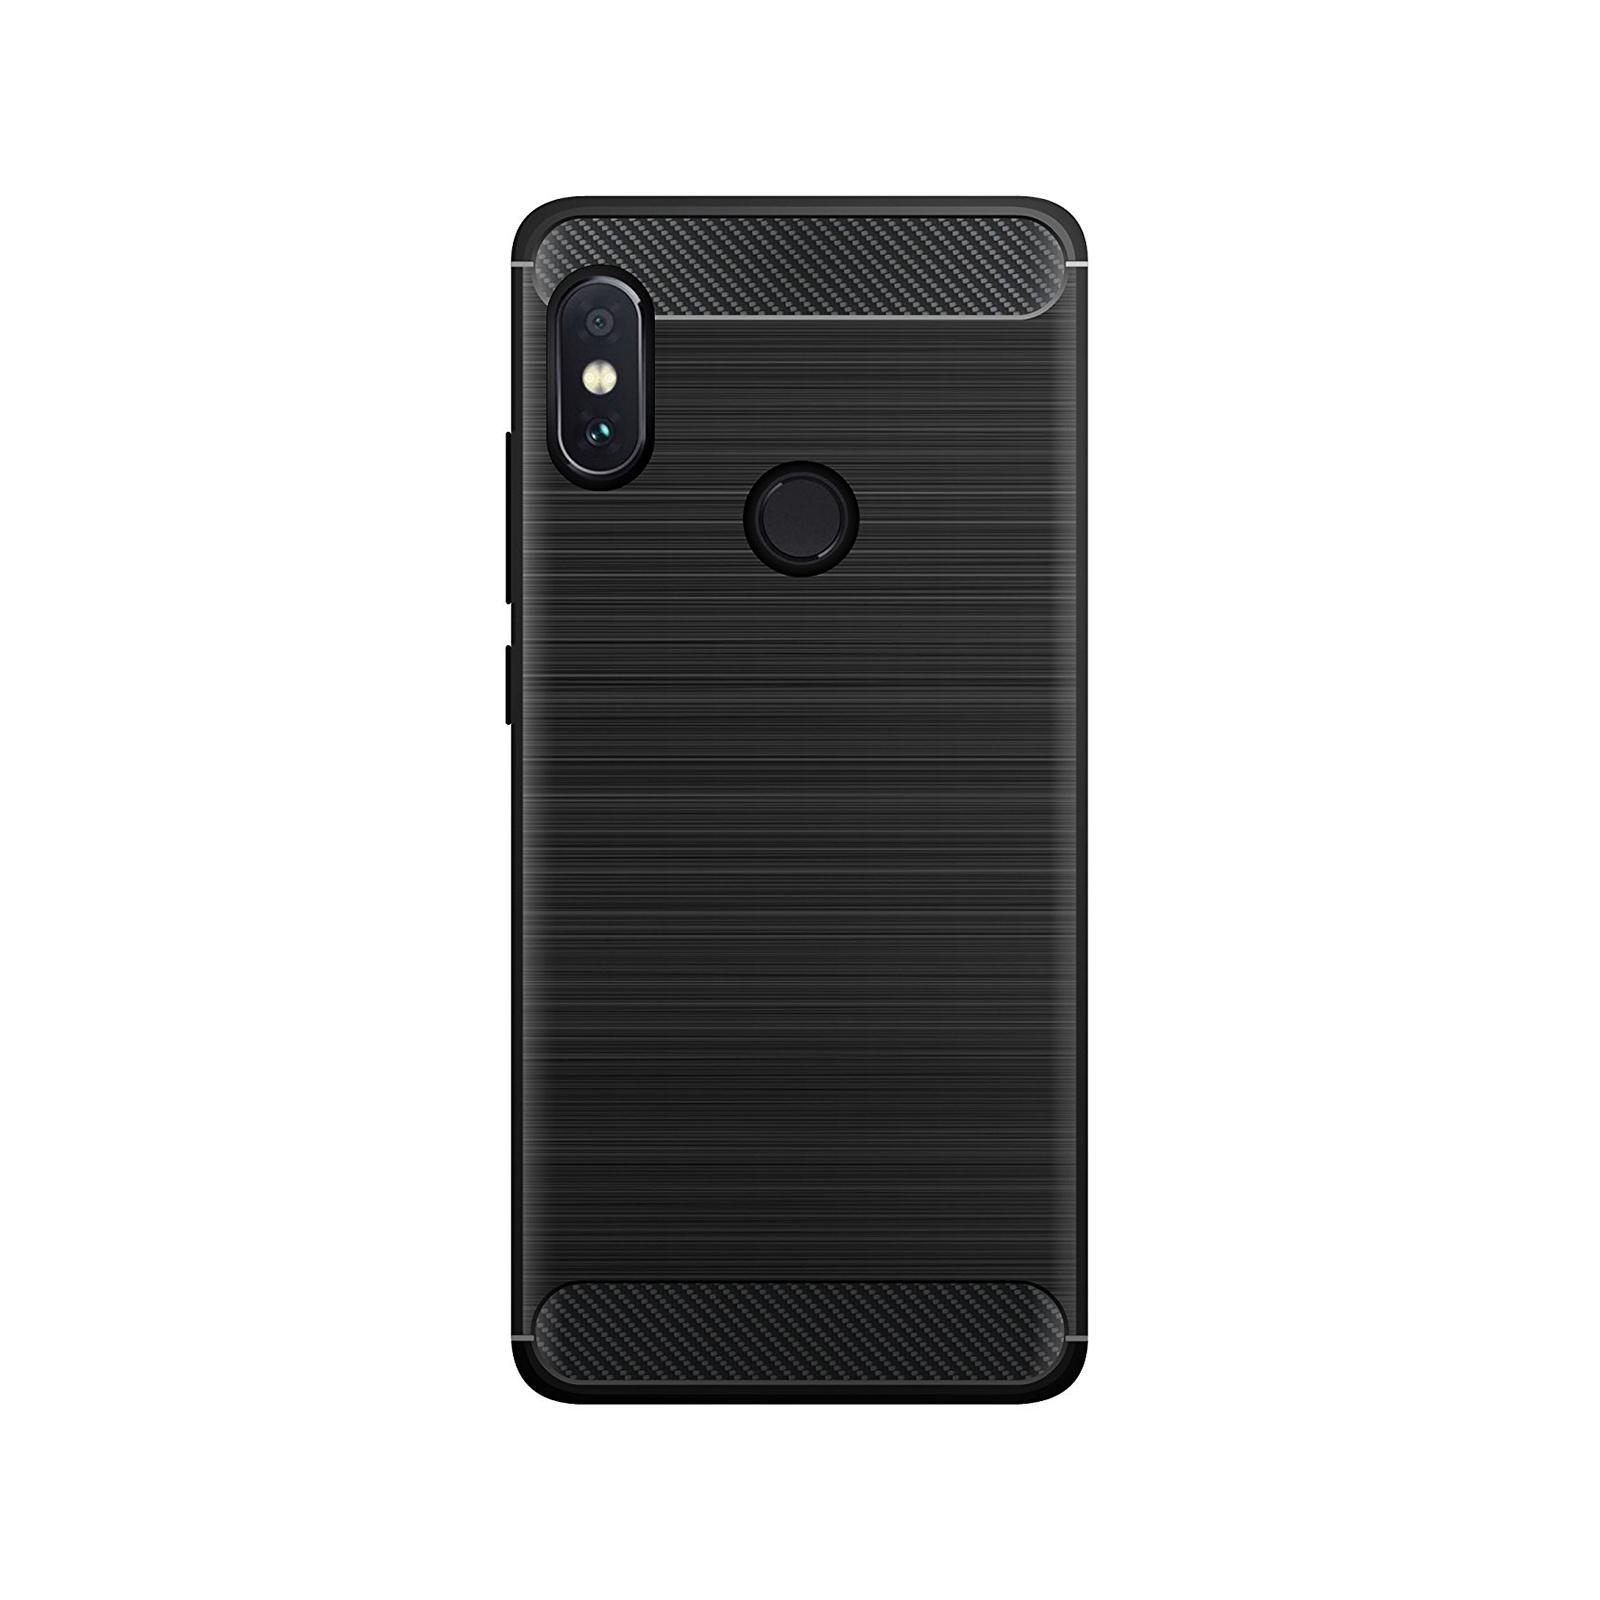 Чехол для моб. телефона Laudtec для XiaomiRedmi Note 5 Pro Carbon Fiber (Black) (LT-RN5PB) изображение 3